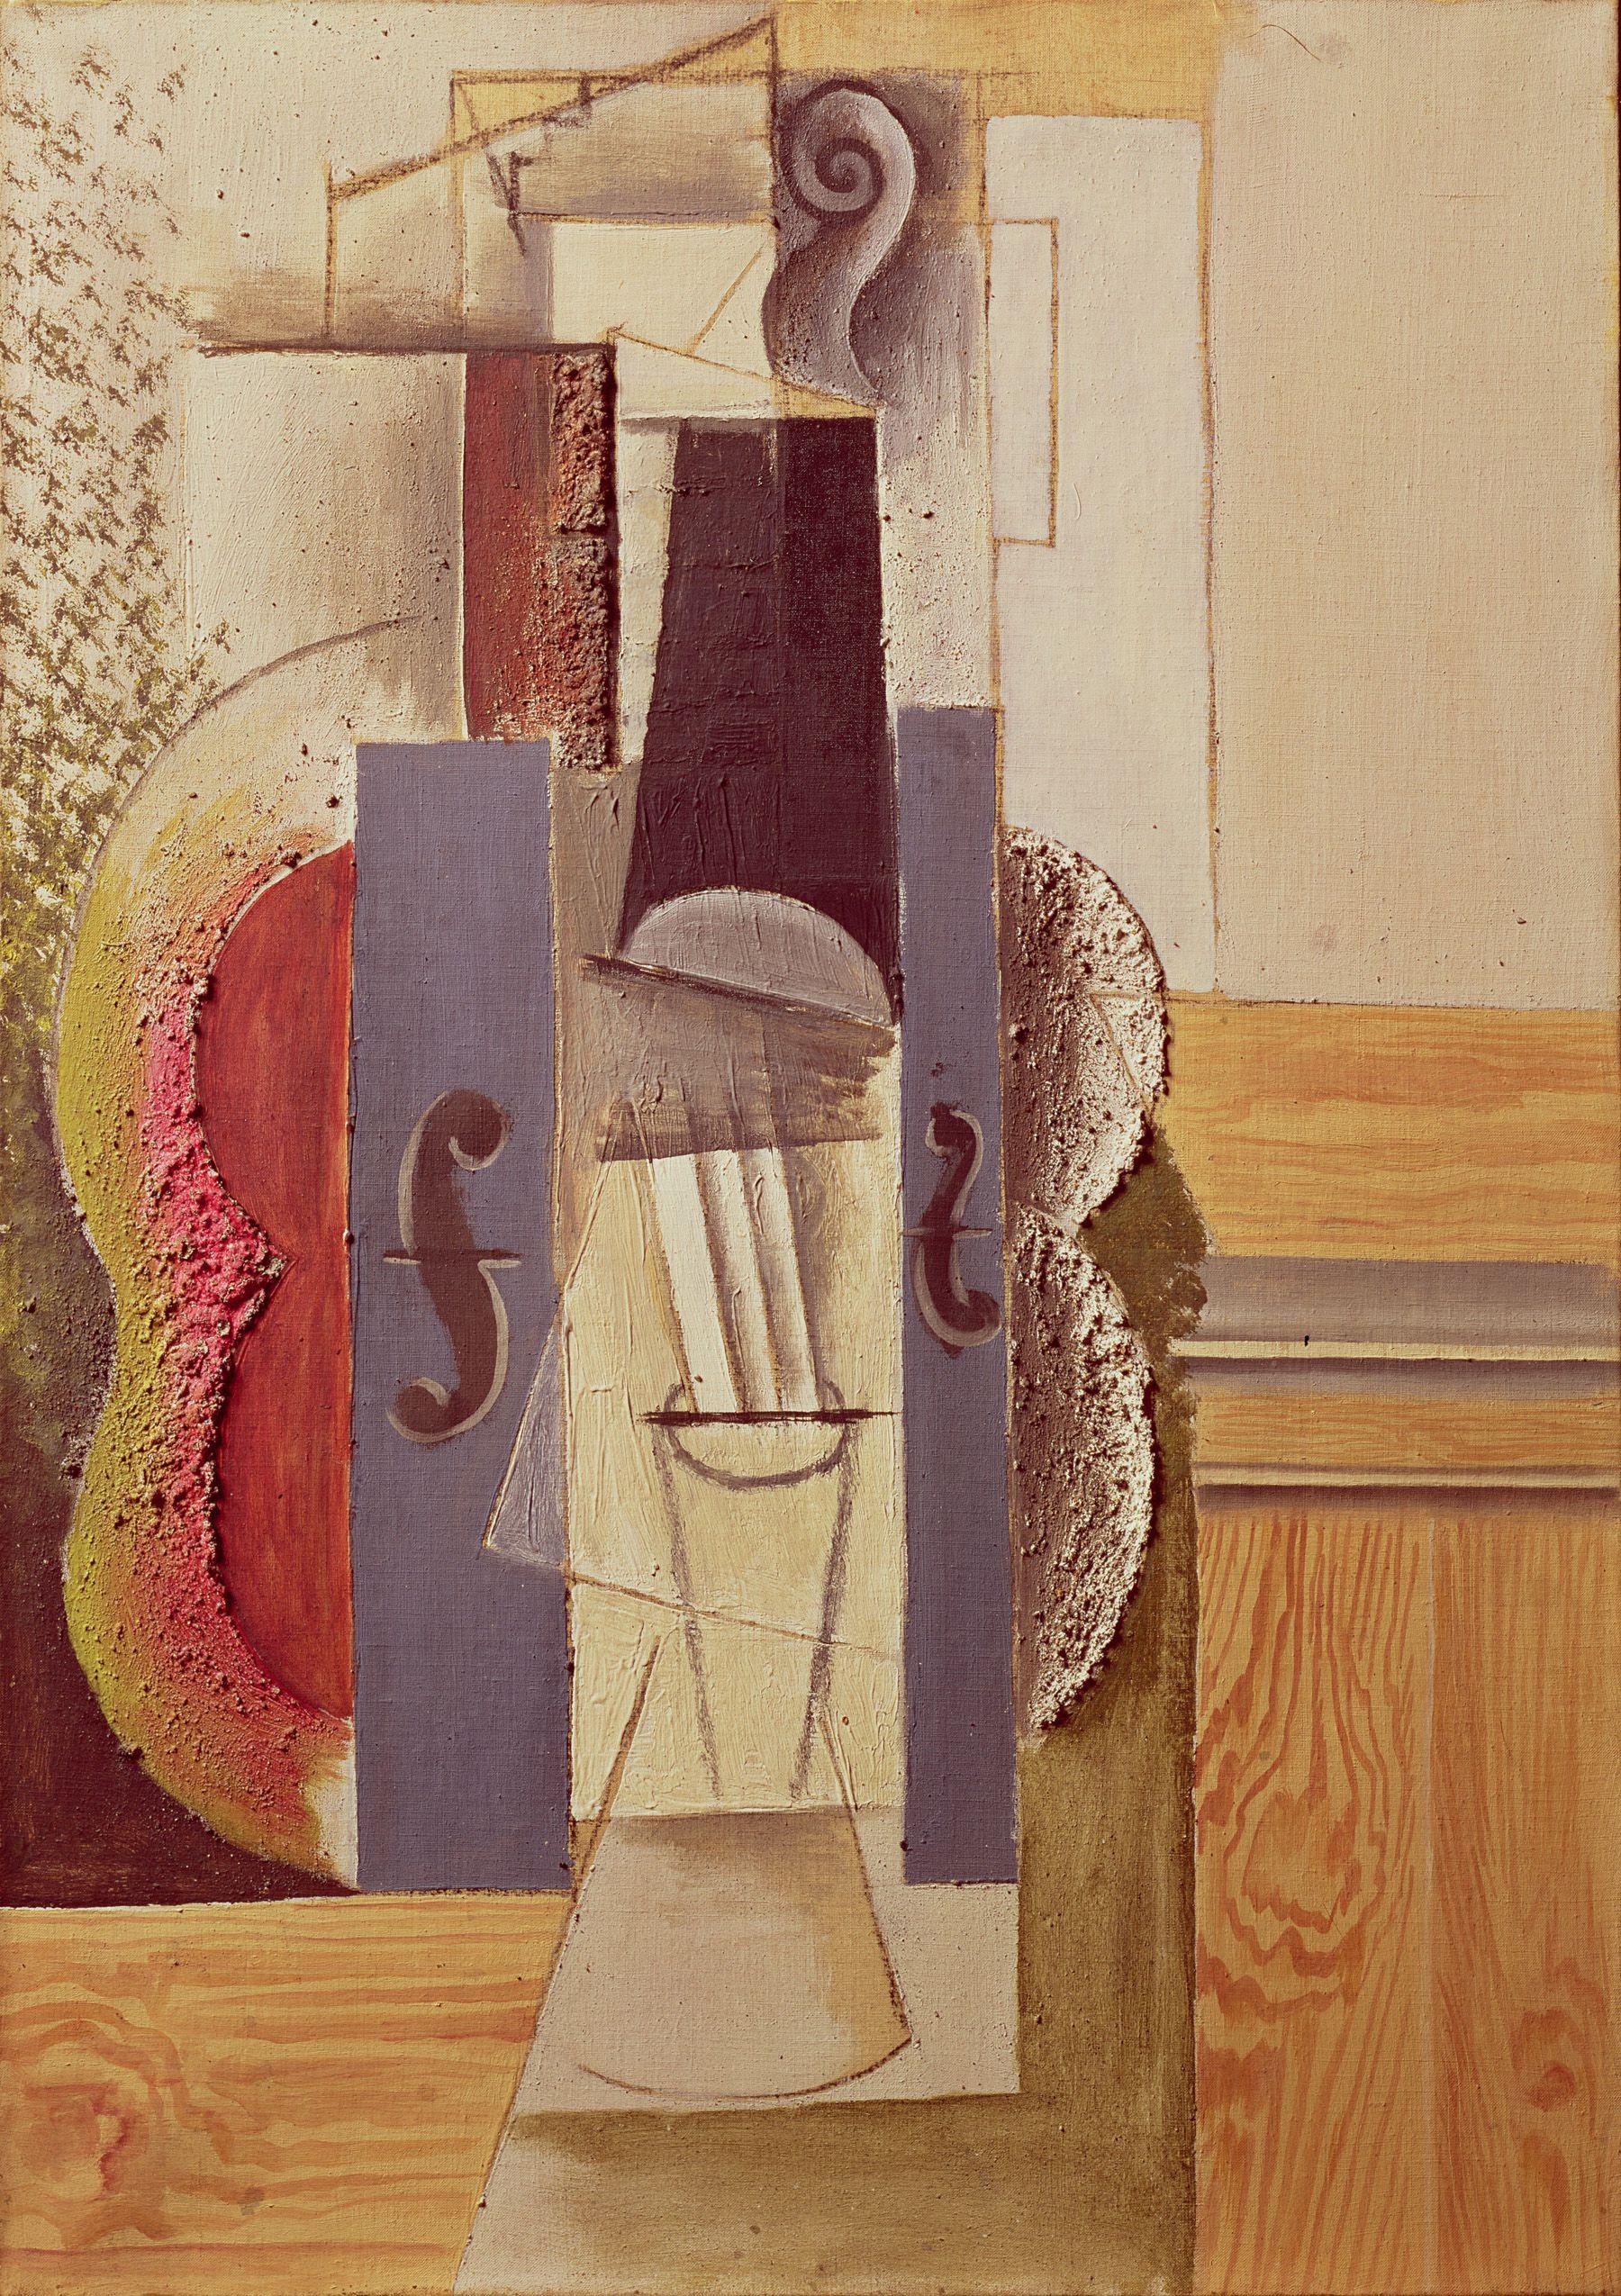 Picasso Guitars Dan Kelahiran Kubisme Sintetis